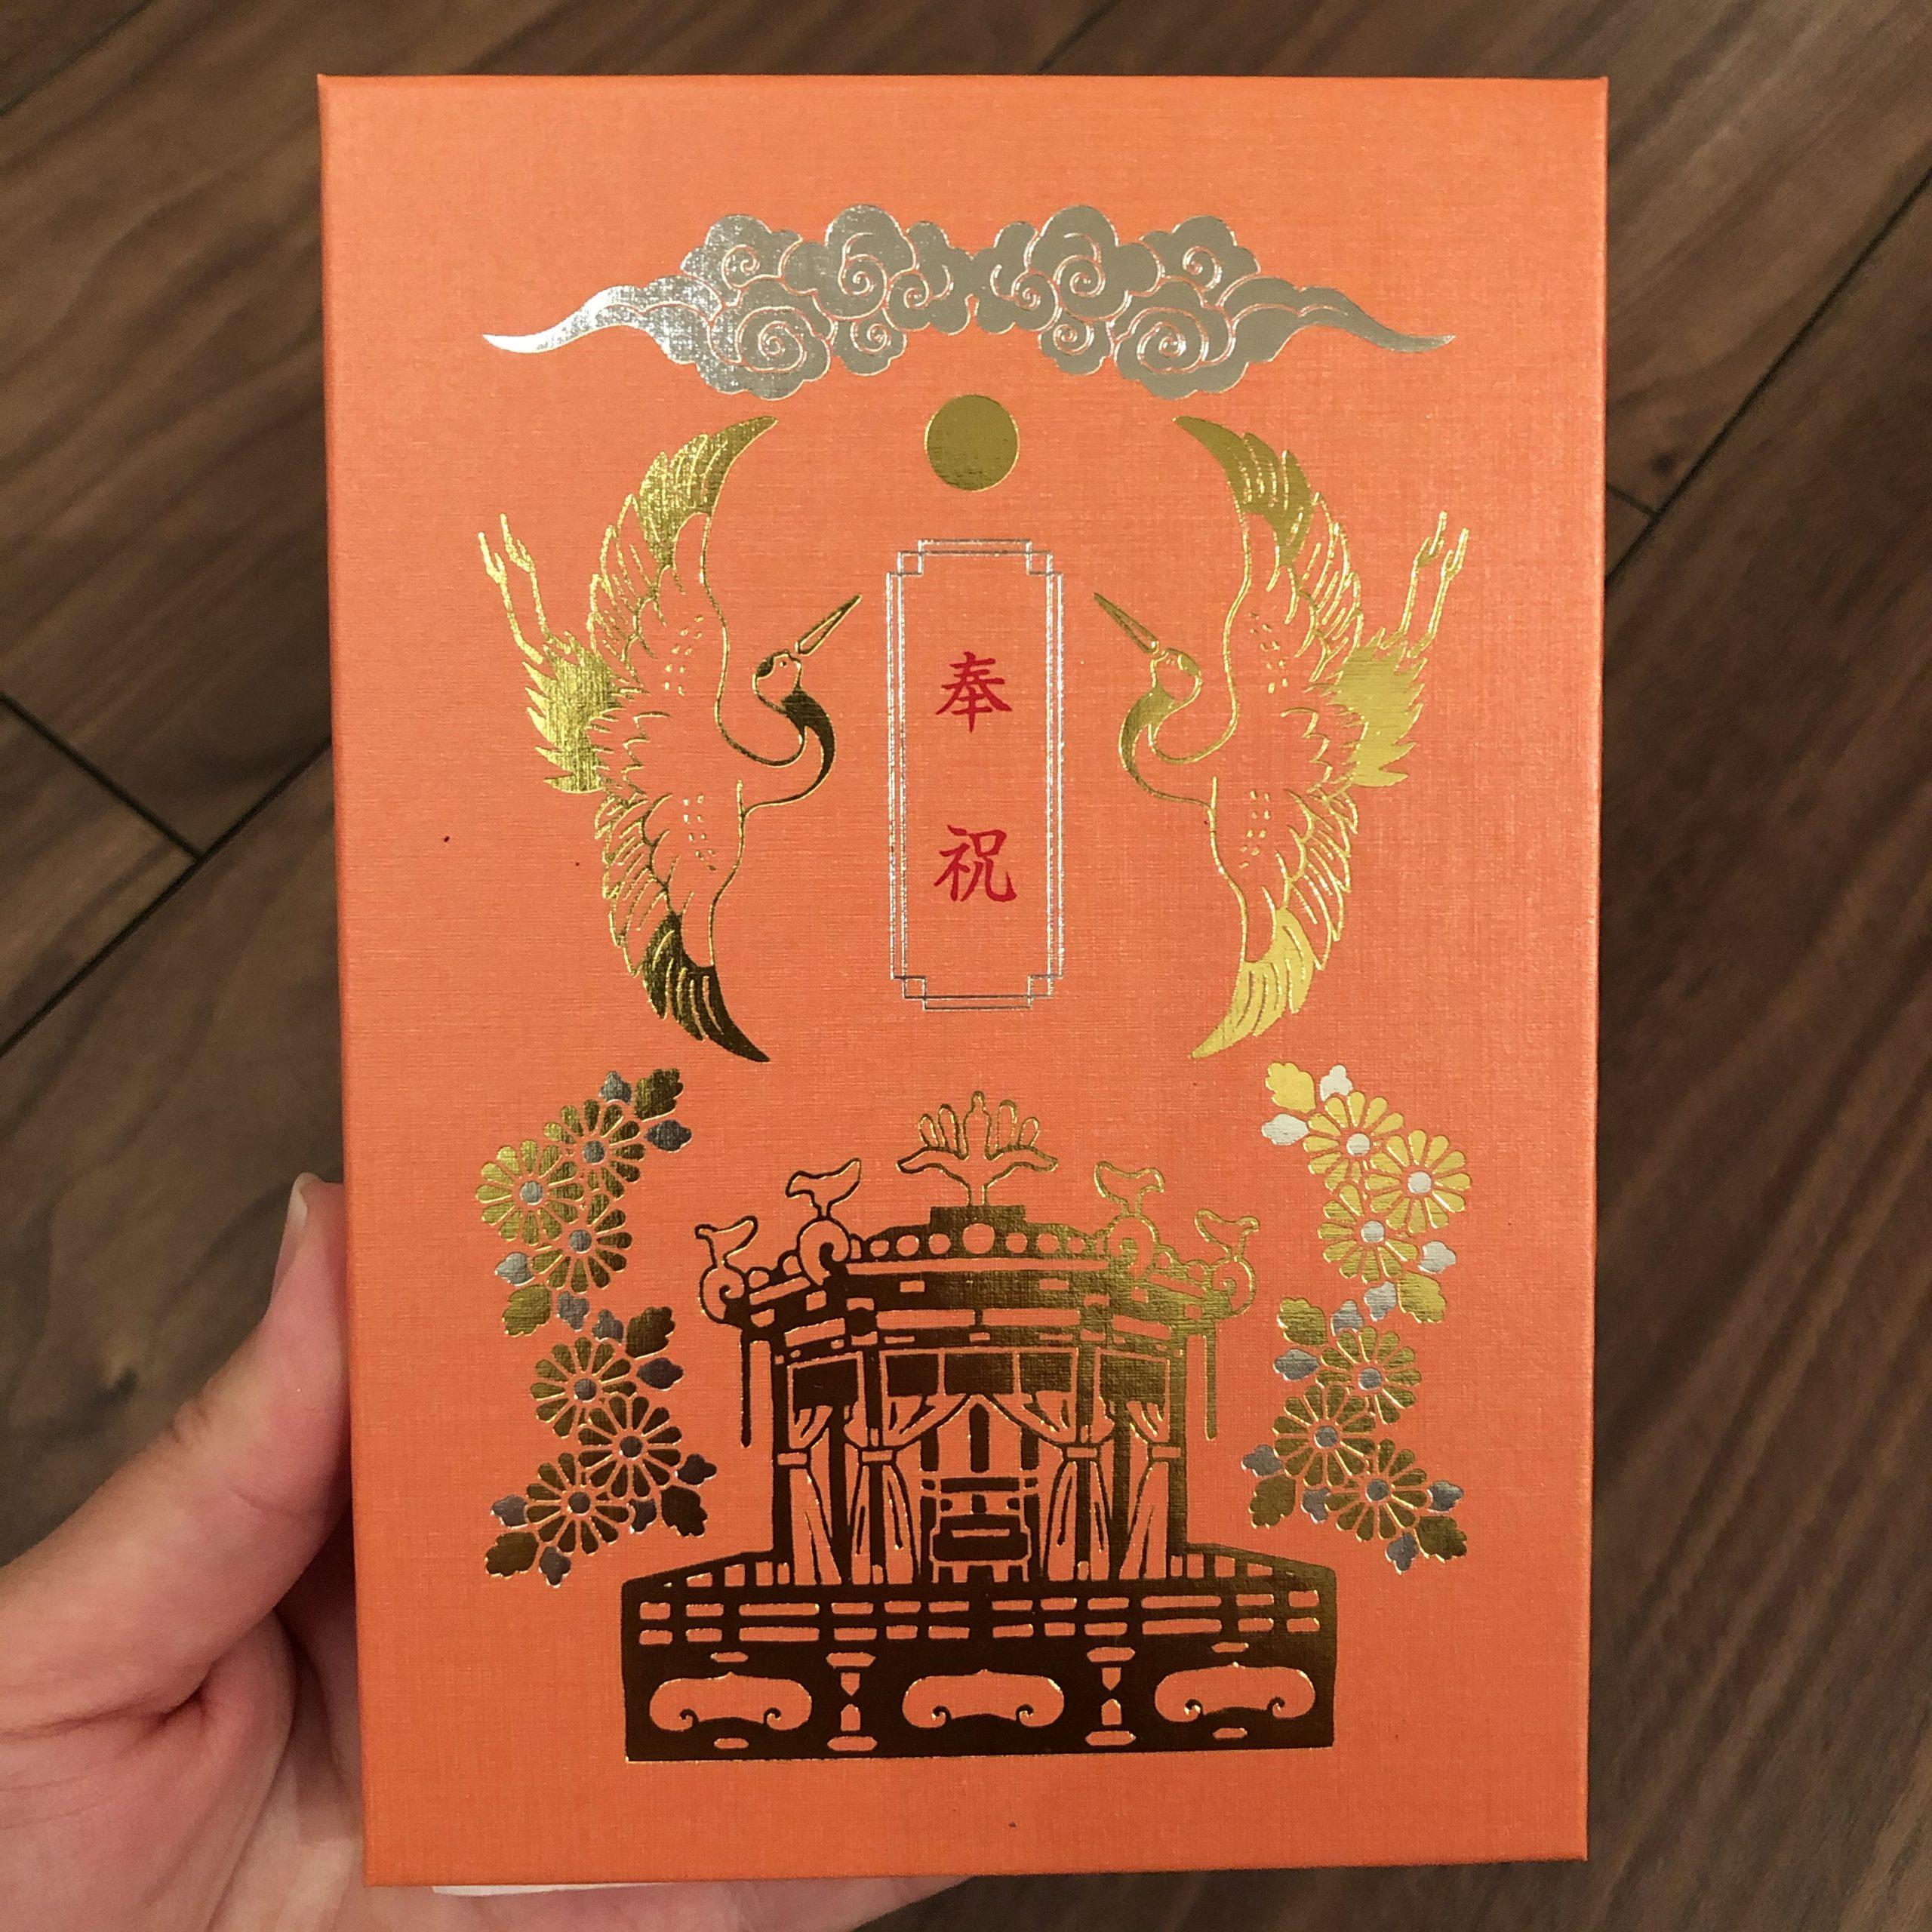 [東京]日枝神社の天皇陛下御即位記念御朱印帳と、浅草寺の御詠歌の御朱印。